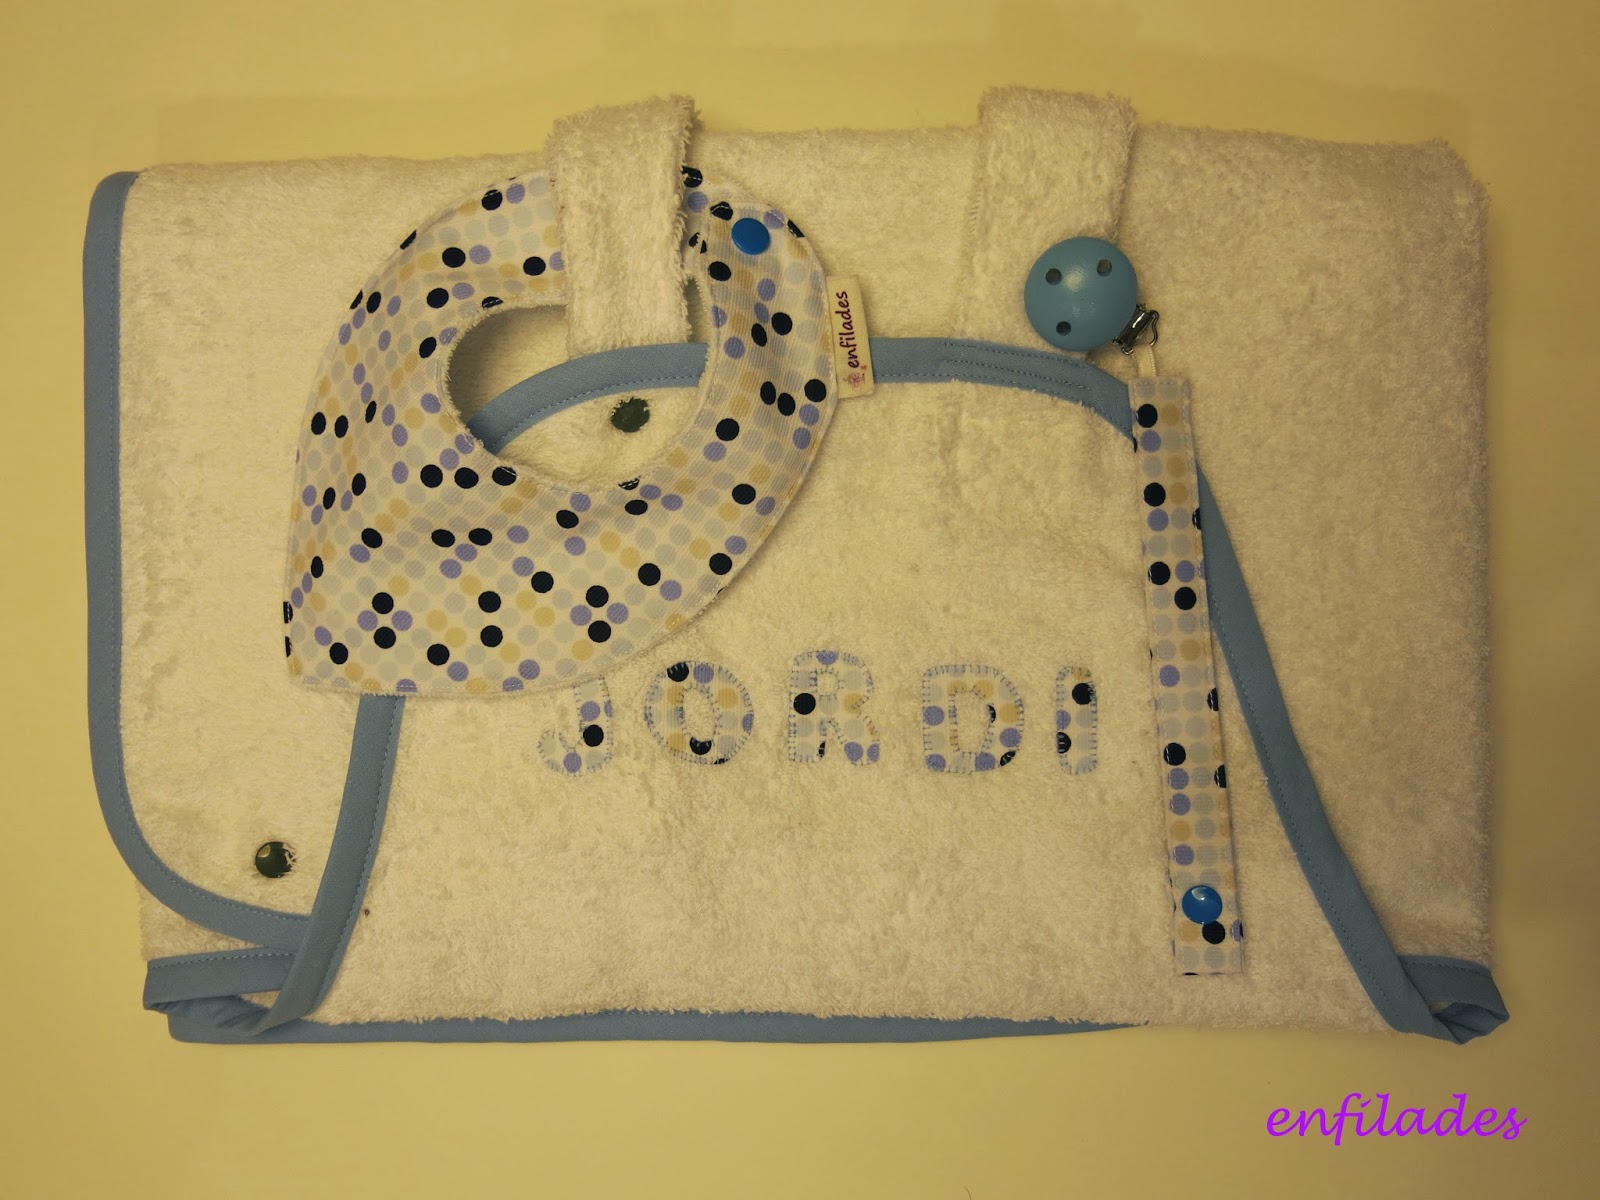 tovallola davantal personalitzada fet a mà_enfilades.cat